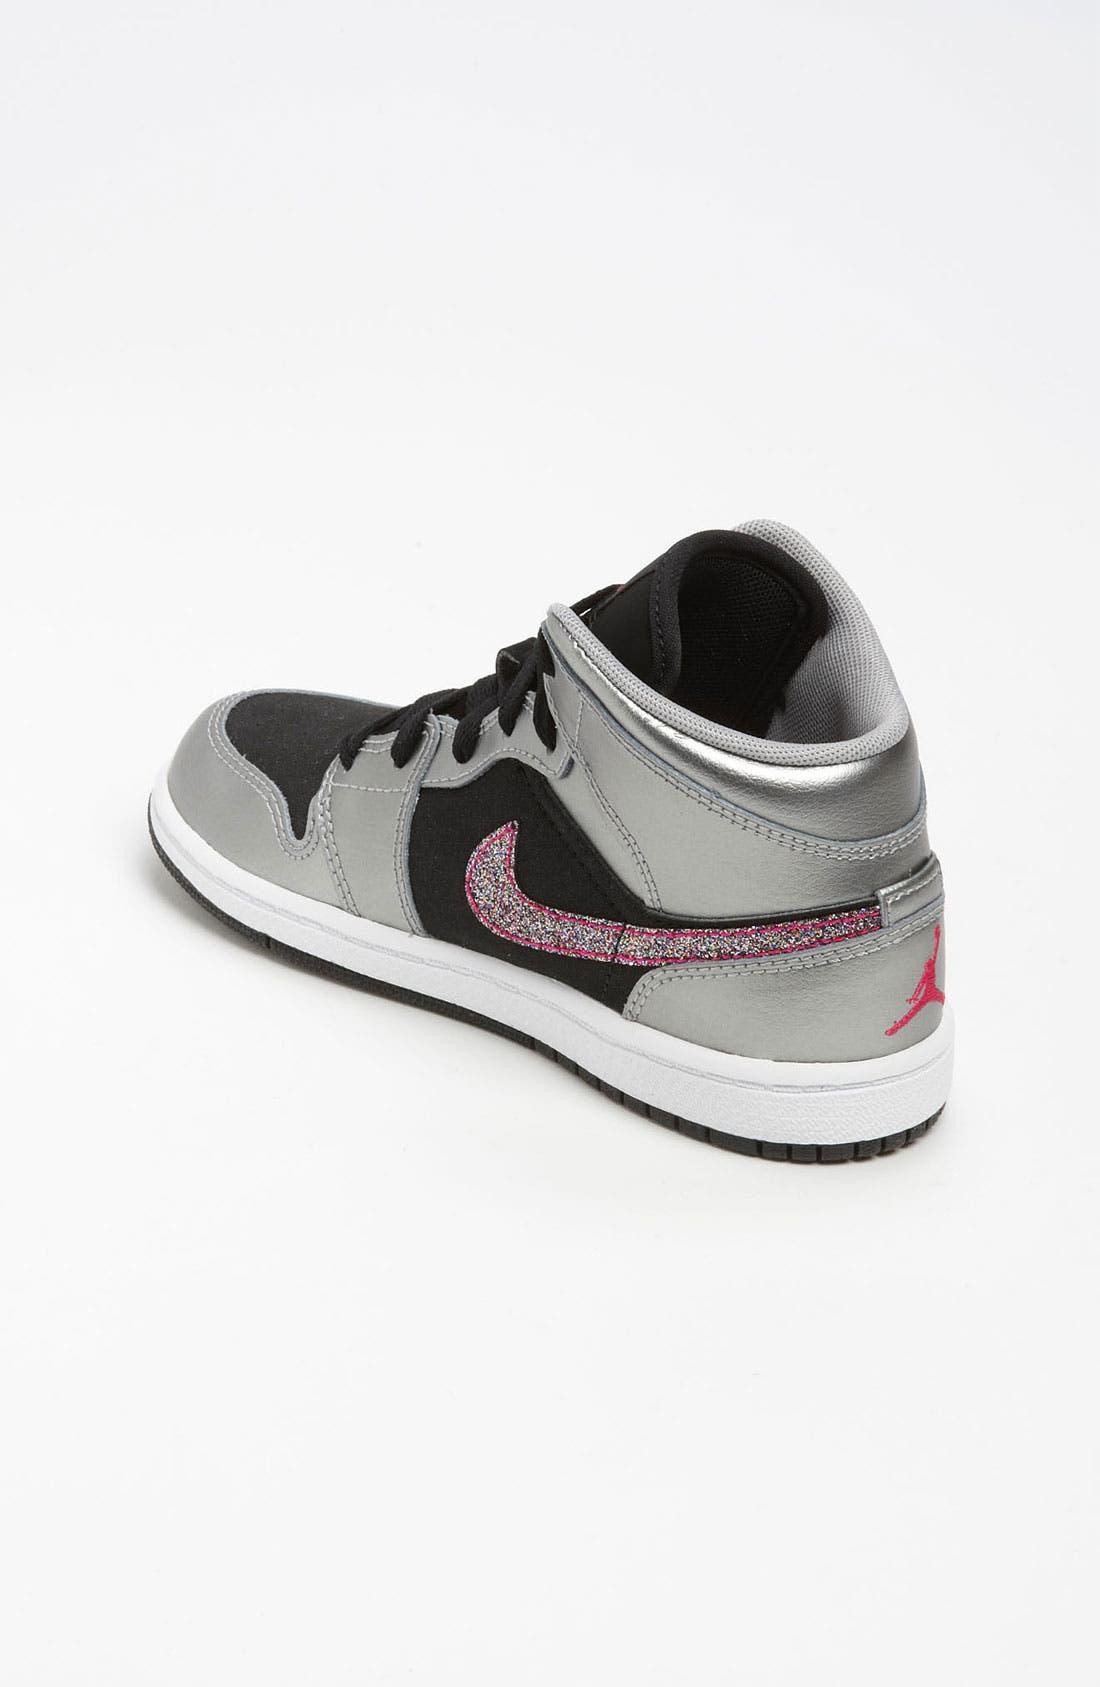 Alternate Image 2  - Nike 'Jordan 1 Phat' Sneaker (Toddler & Little Kid)